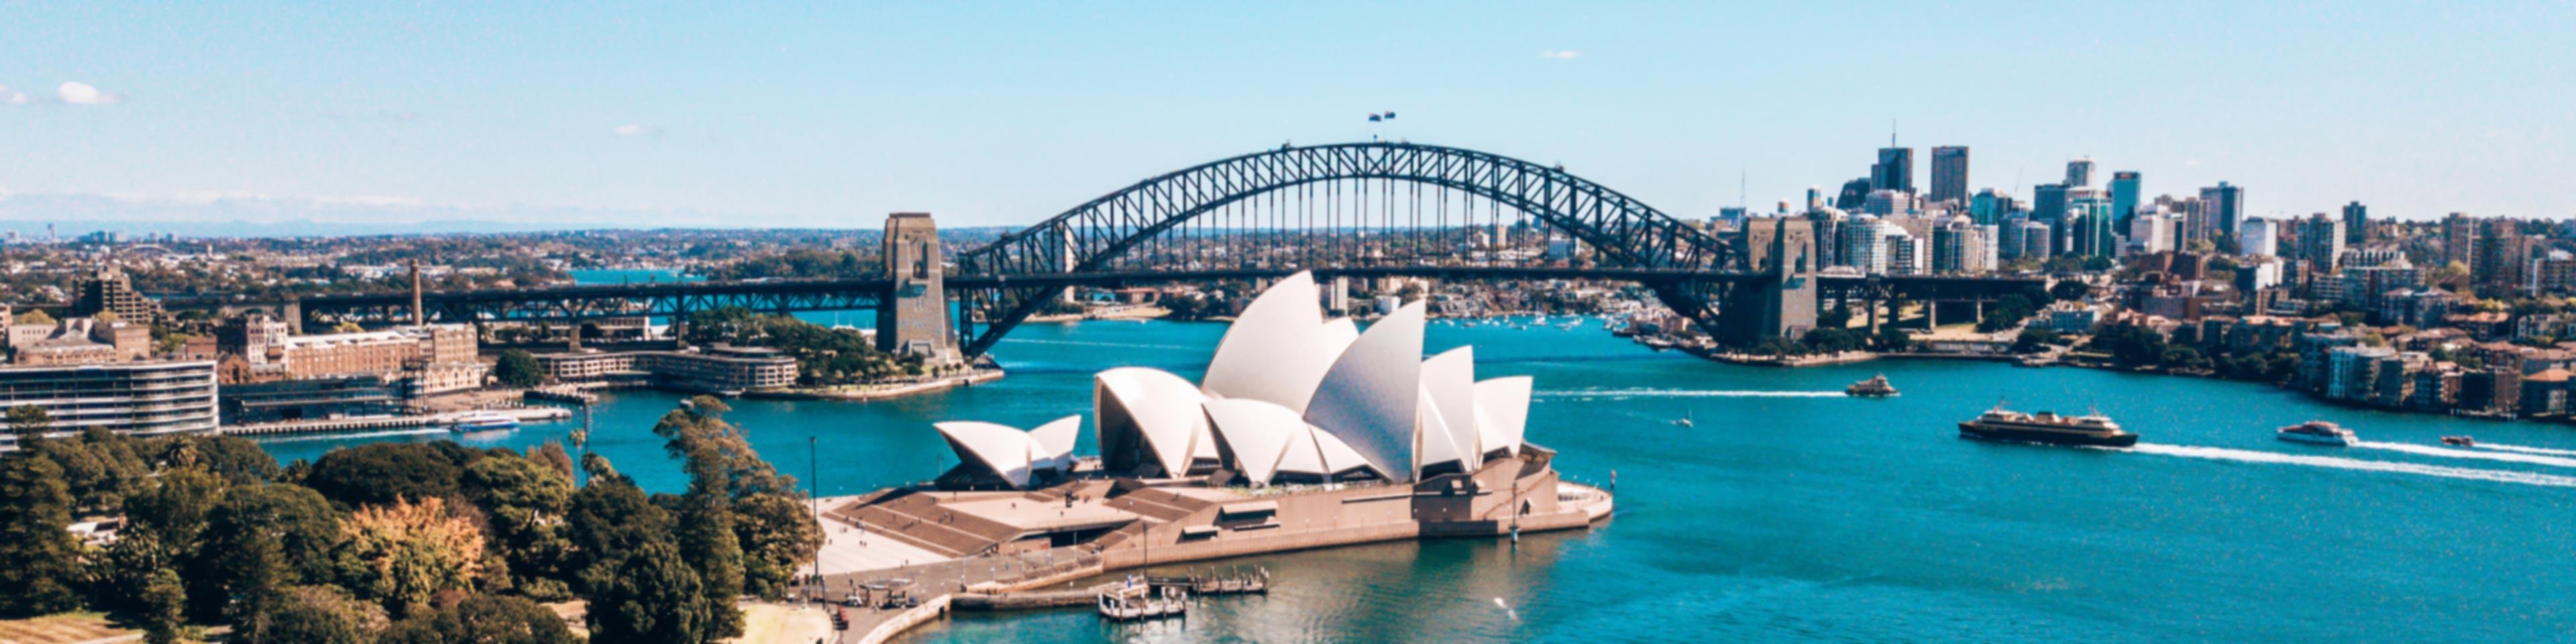 Australia announces new lifetime director IDs